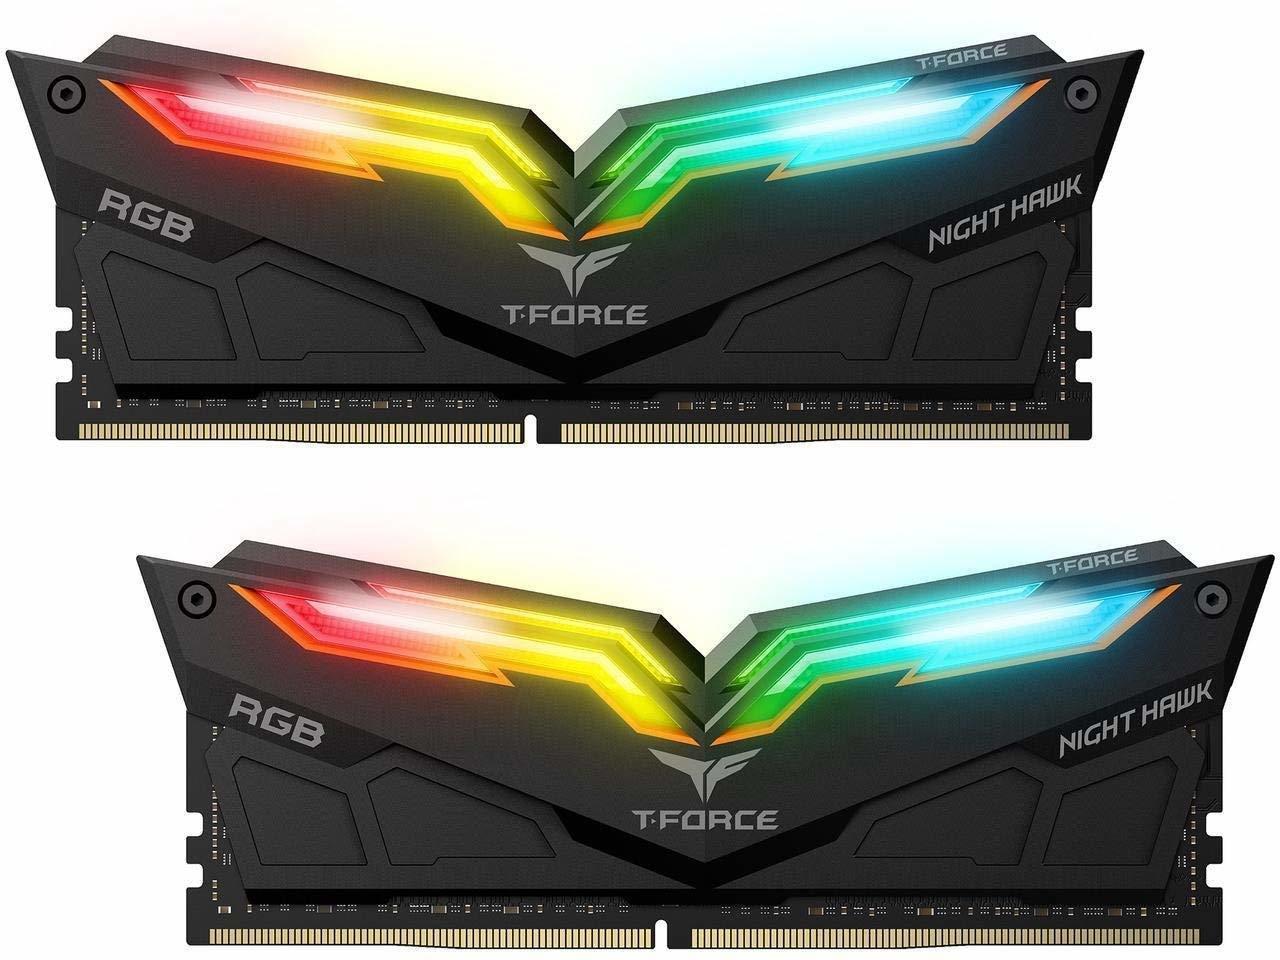 2x8GB Team T-Force Night Hawk RGB DDR4-4000 Gaming RAM image